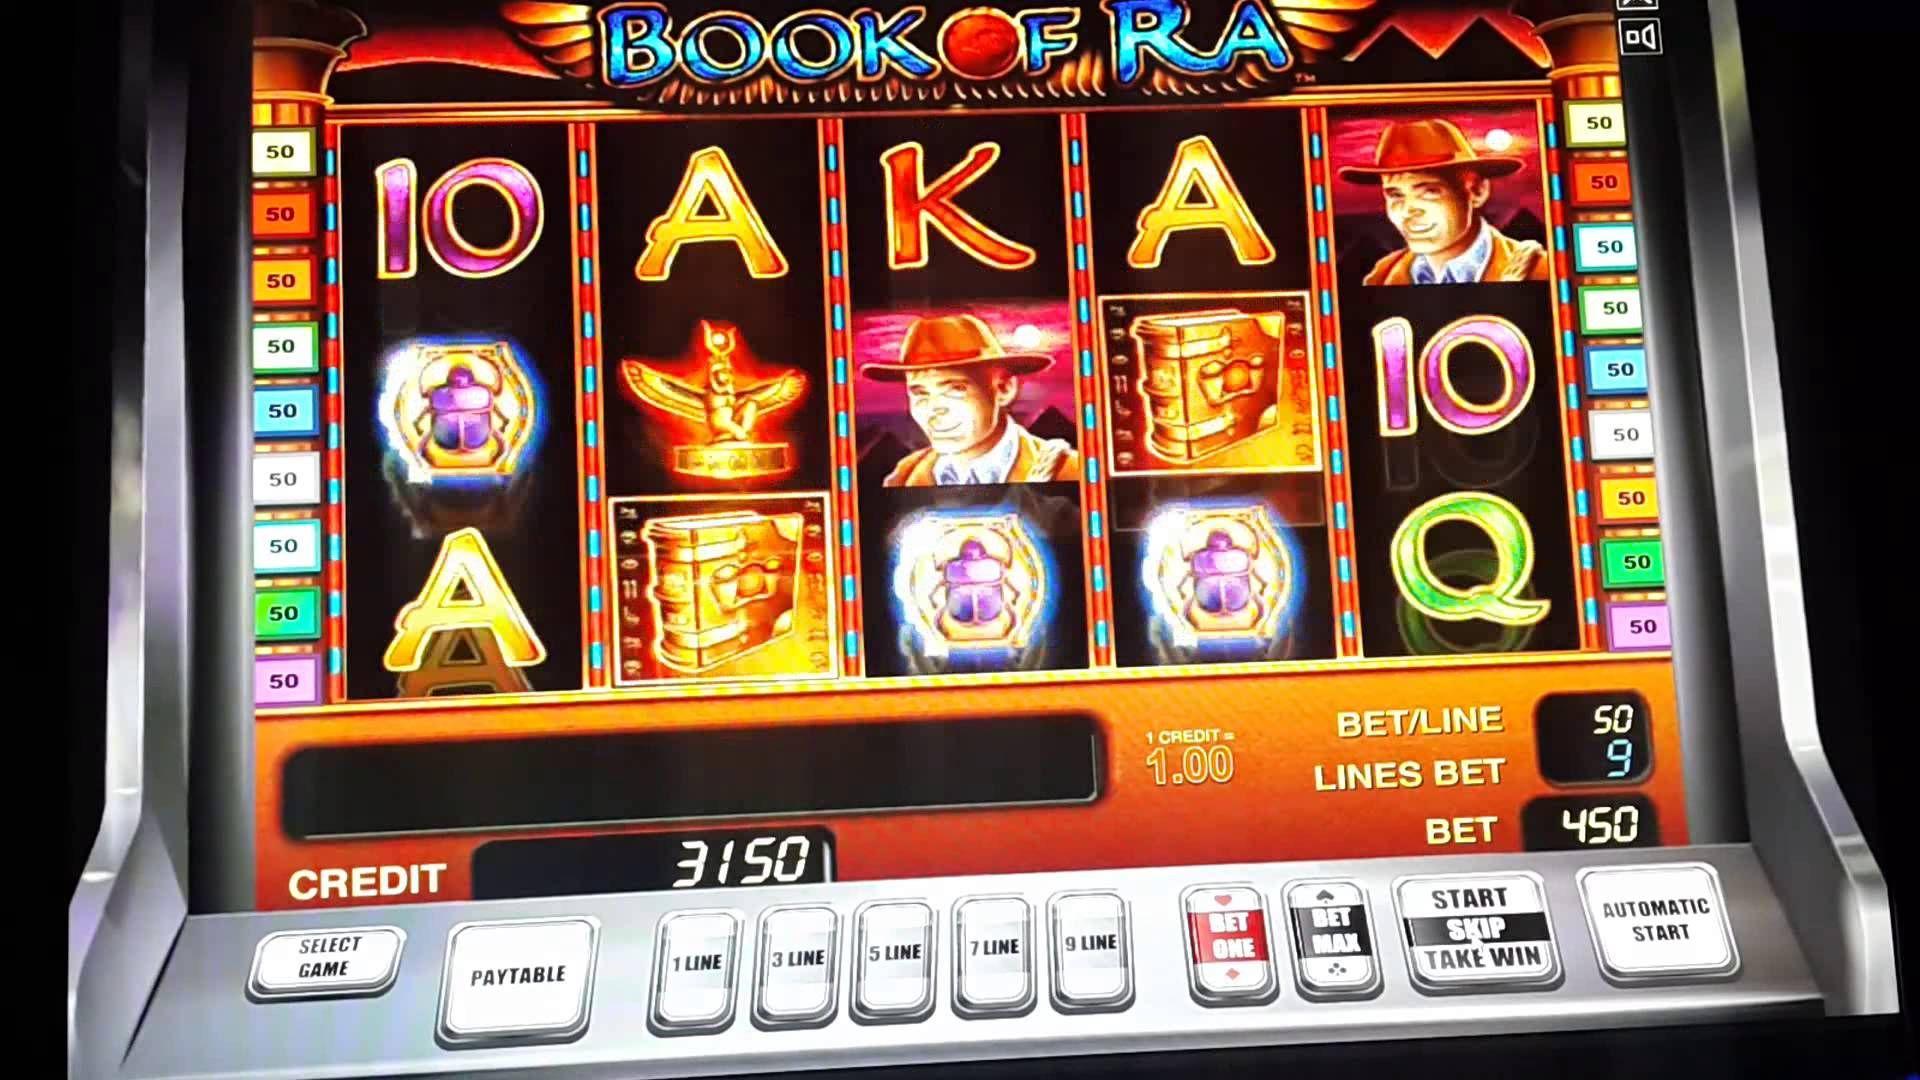 Игровые автоматы играть виртуально бесплатно игровые автоматы алмазное трио в режиме демо онлайн бесплатно играть